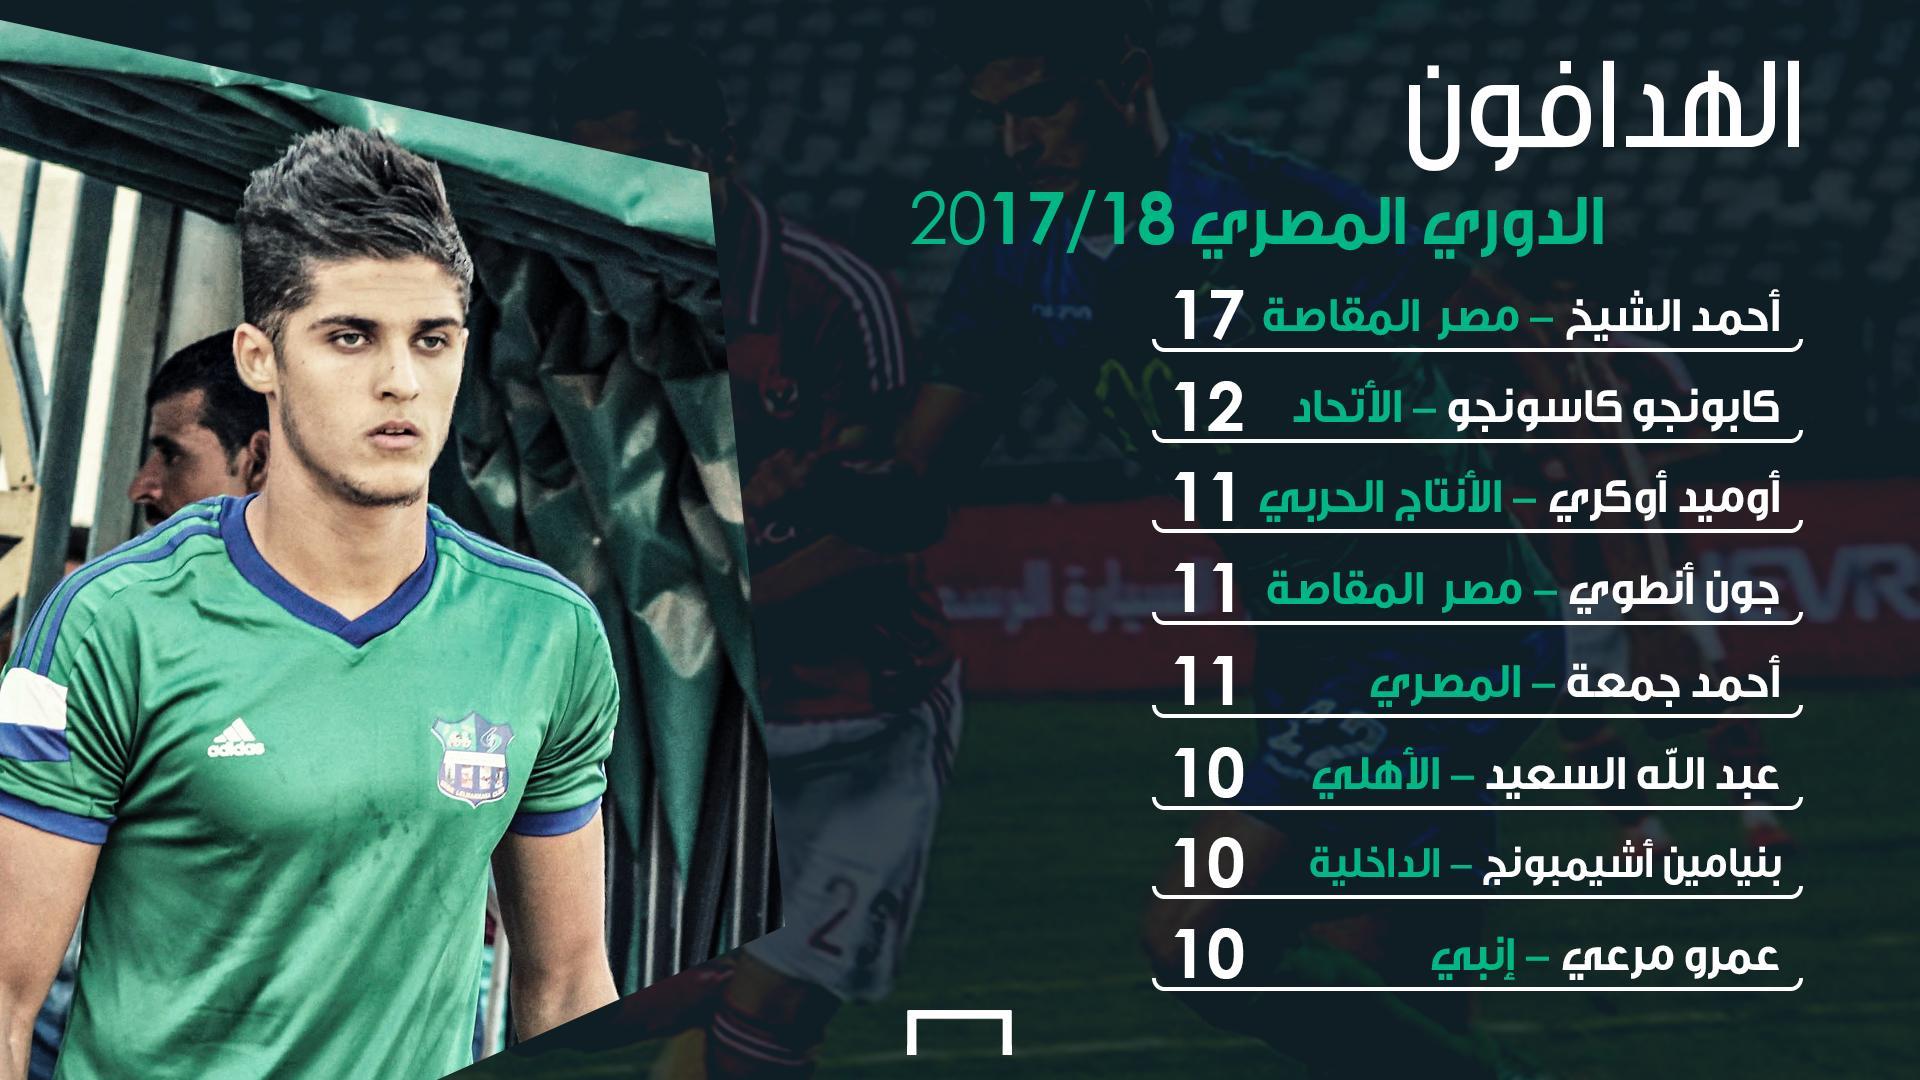 هدافو الدوري المصري